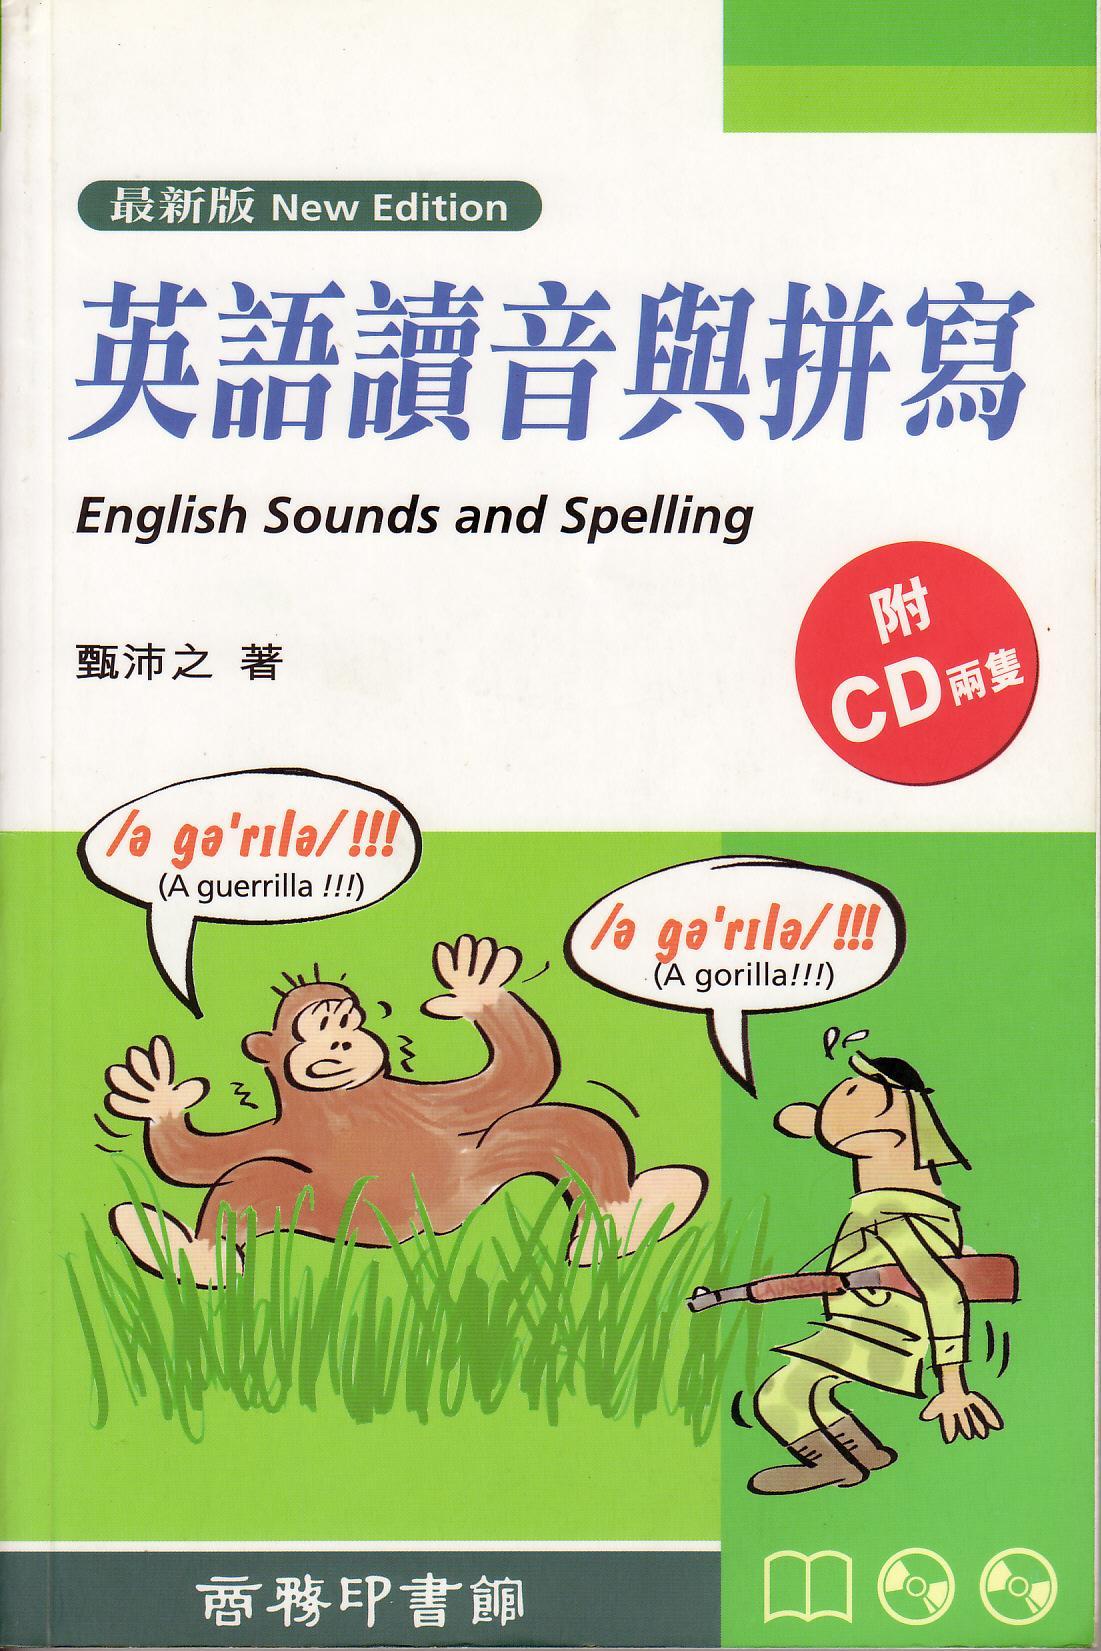 英語讀音與拼寫